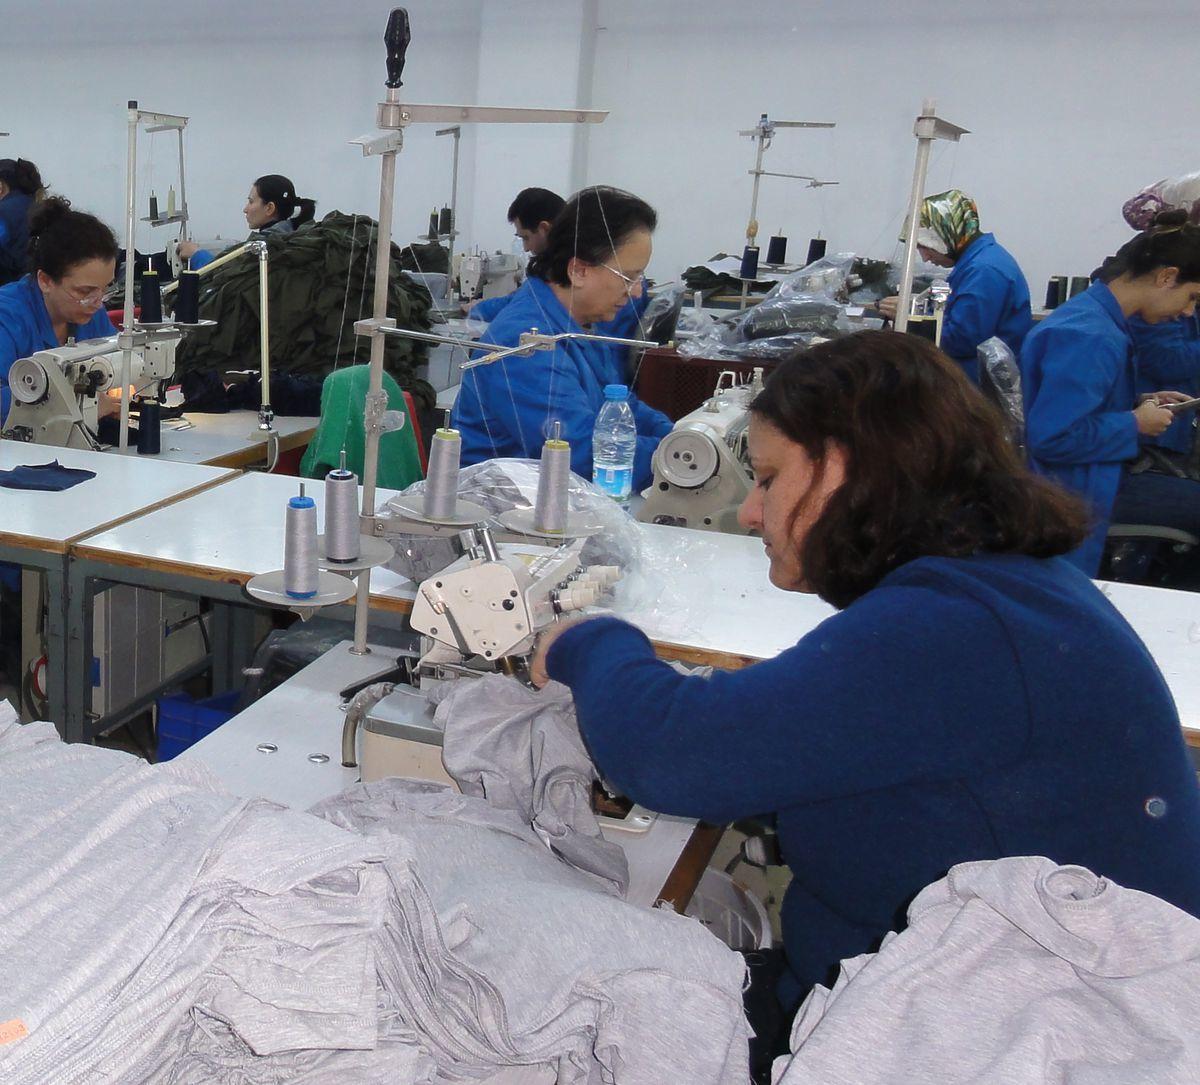 Konfeksiyon ihracatçılarından Almanya'ya 5 milyar dolar ihracat hedefi